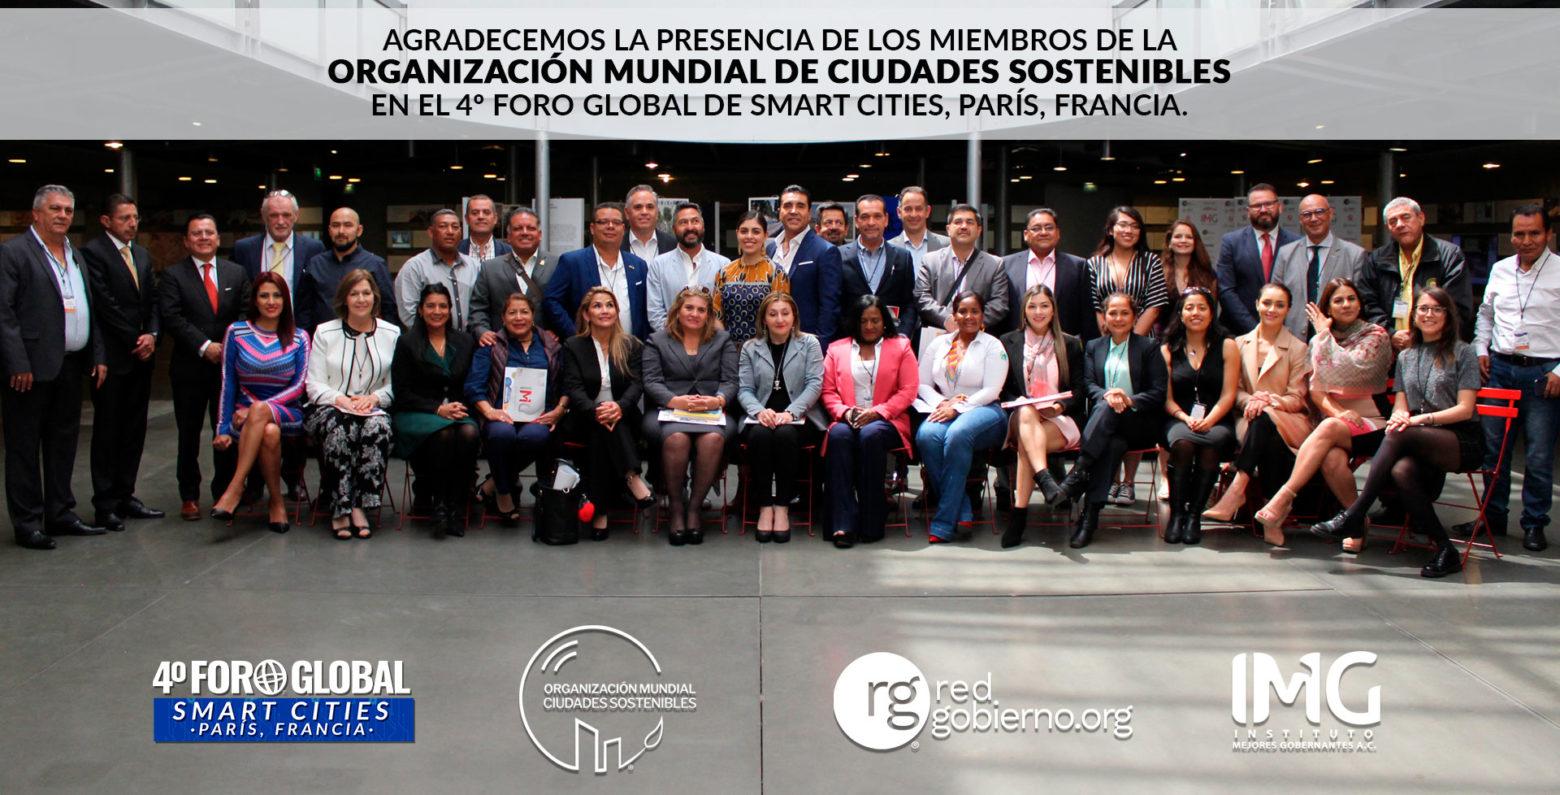 Embajadores de la Organizacion Mundial Ciudades Sostenibles presentes en el 4º Foro Global Smart Cities París, Francia 2019